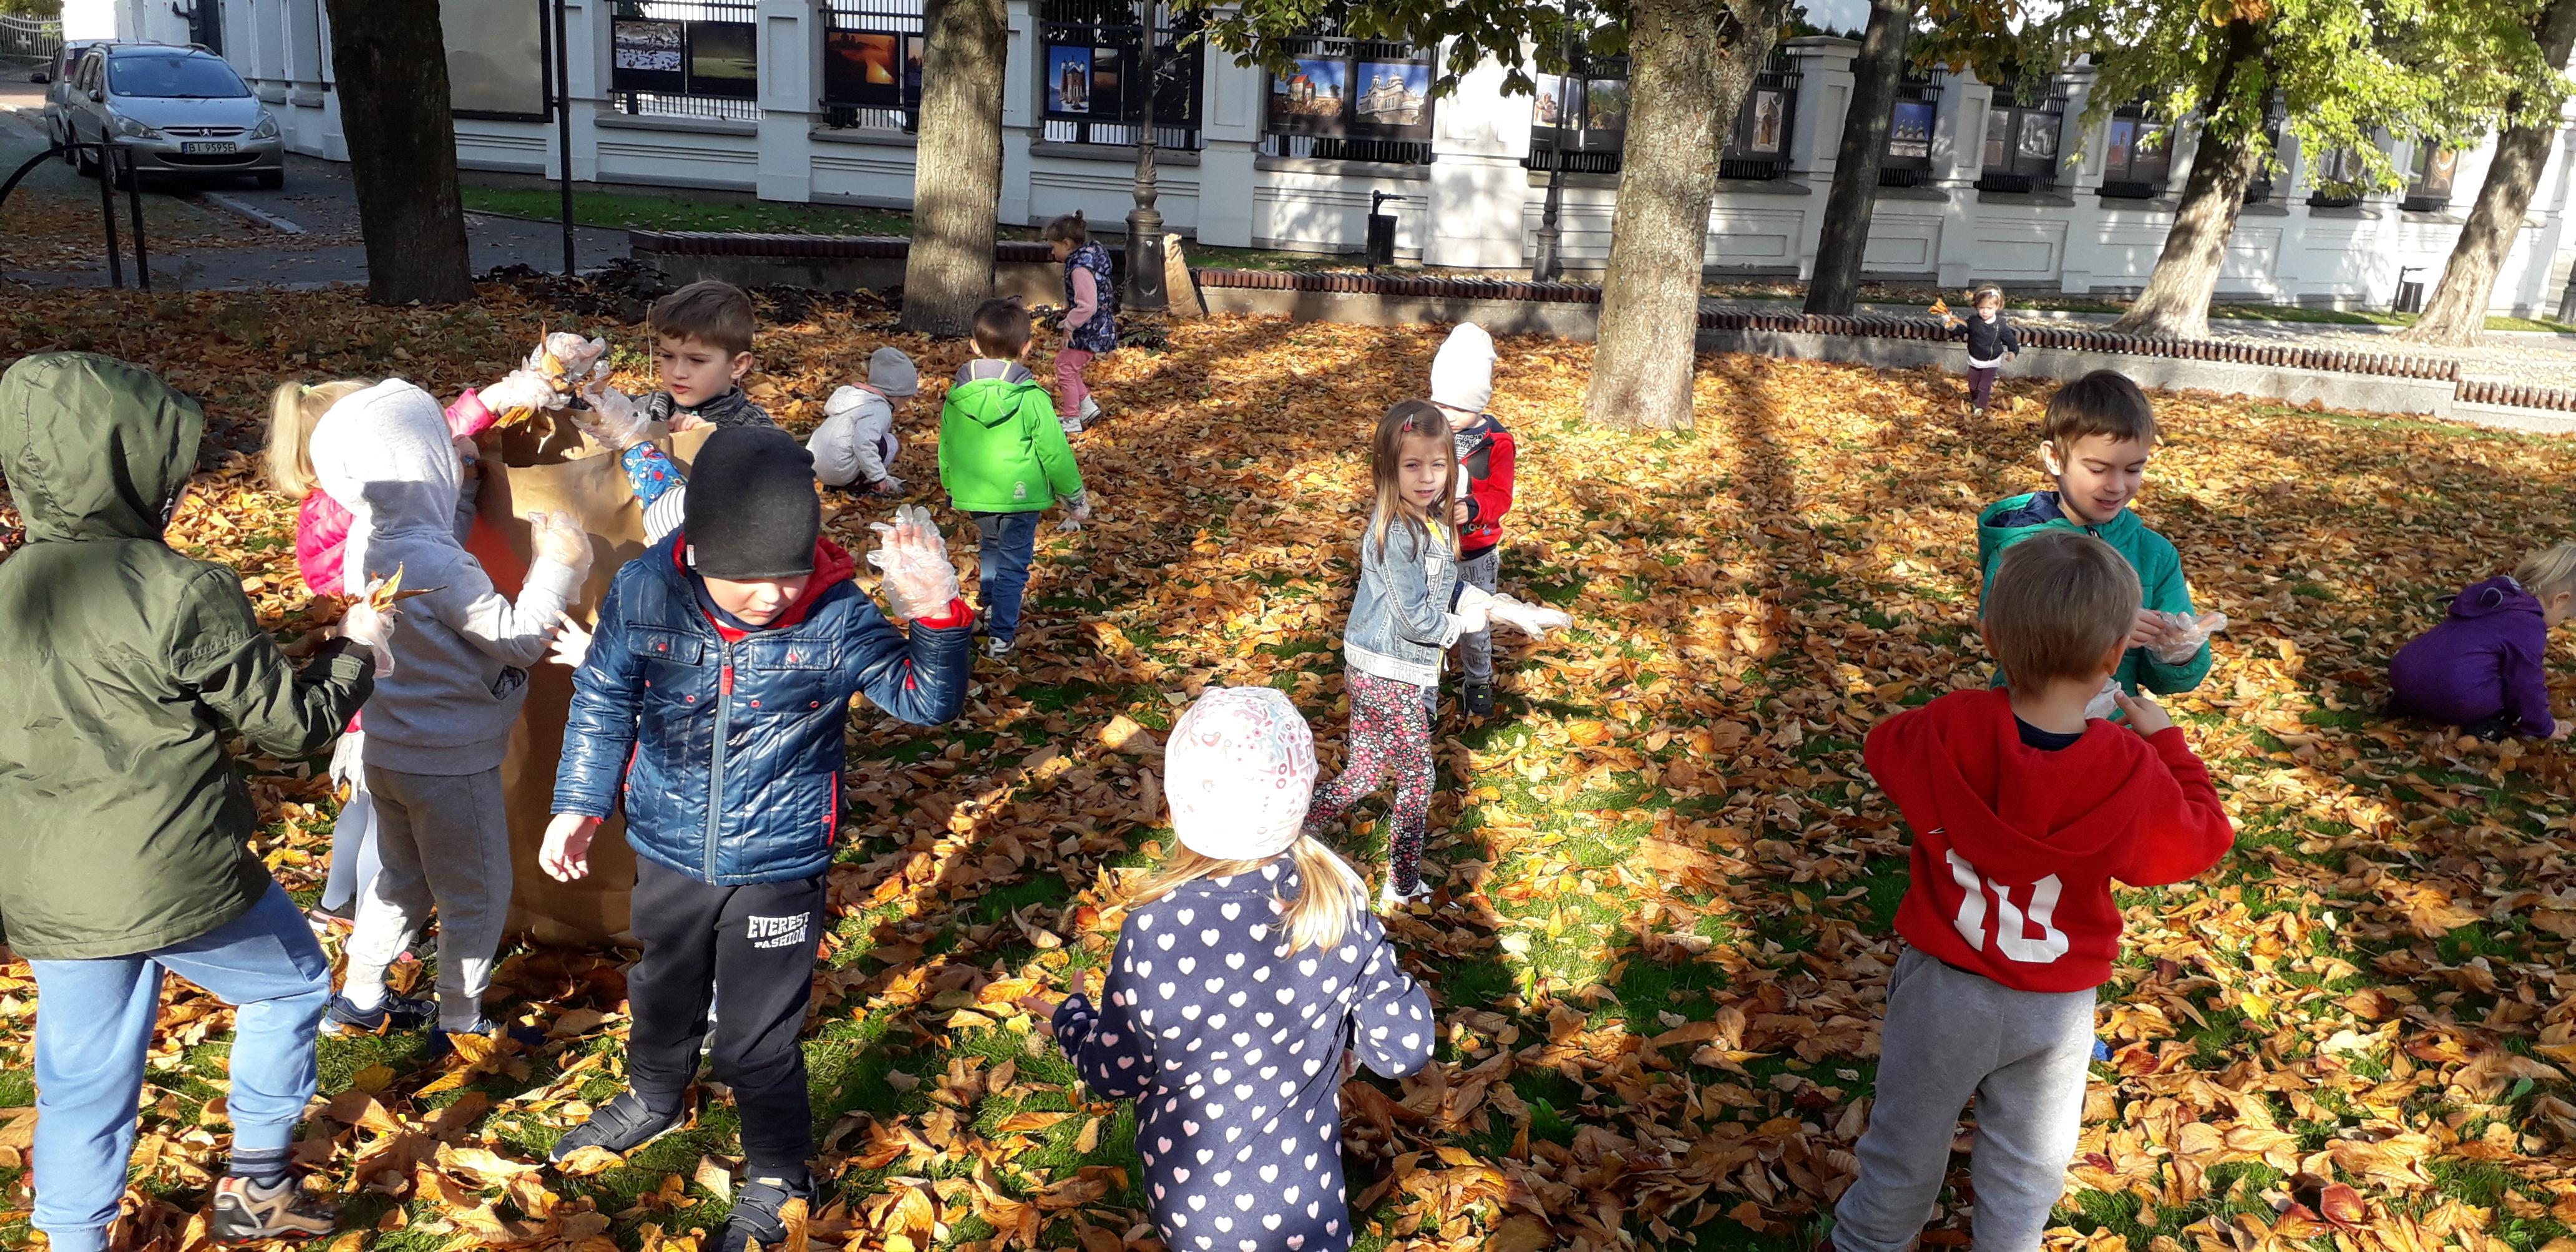 Jesienne prace w ogrodzie przedszkolnym i w parku – grabienie liści